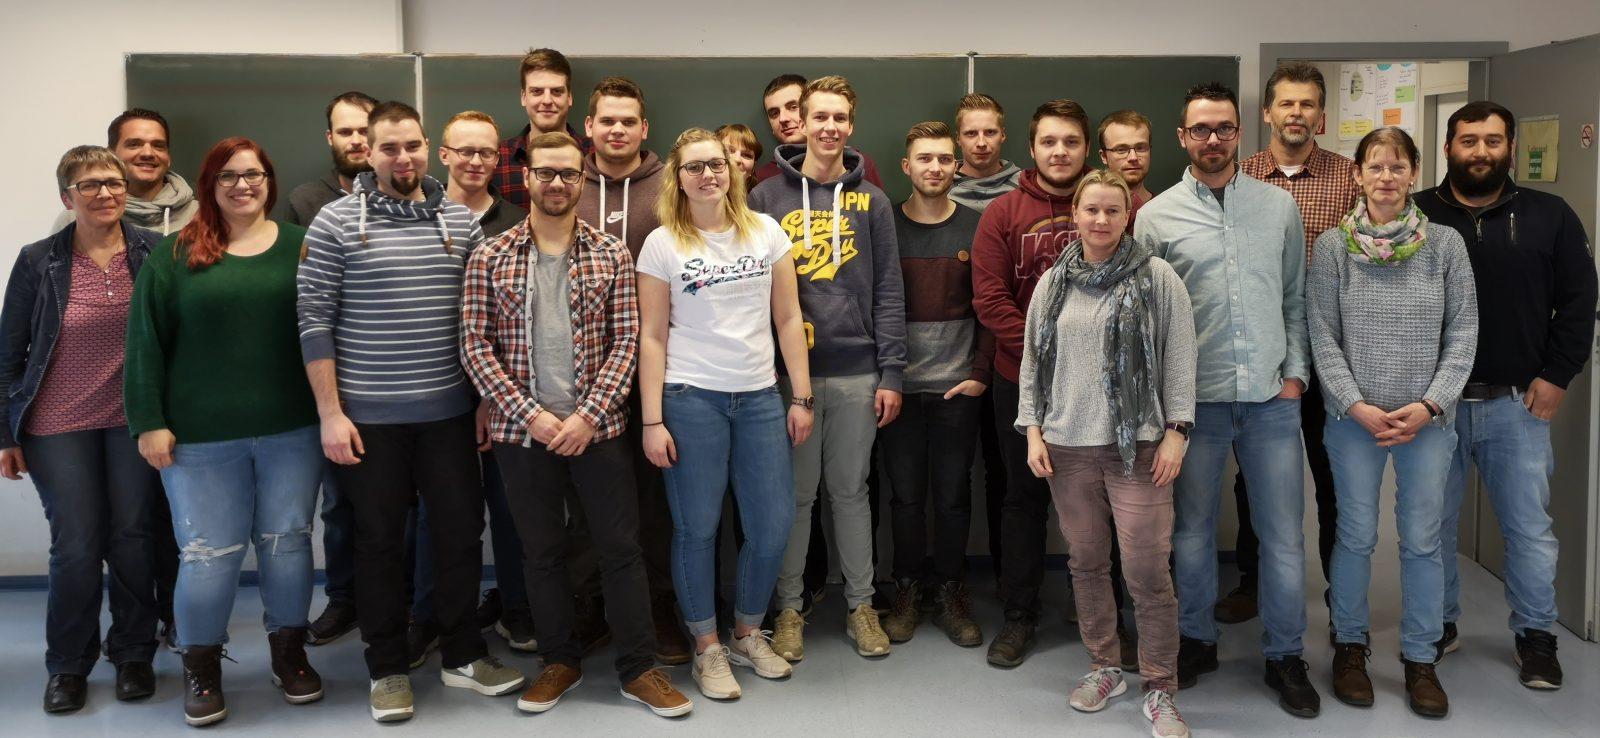 Berufswettbewerb 2019 an der Friedrich-Aereboe-Schule